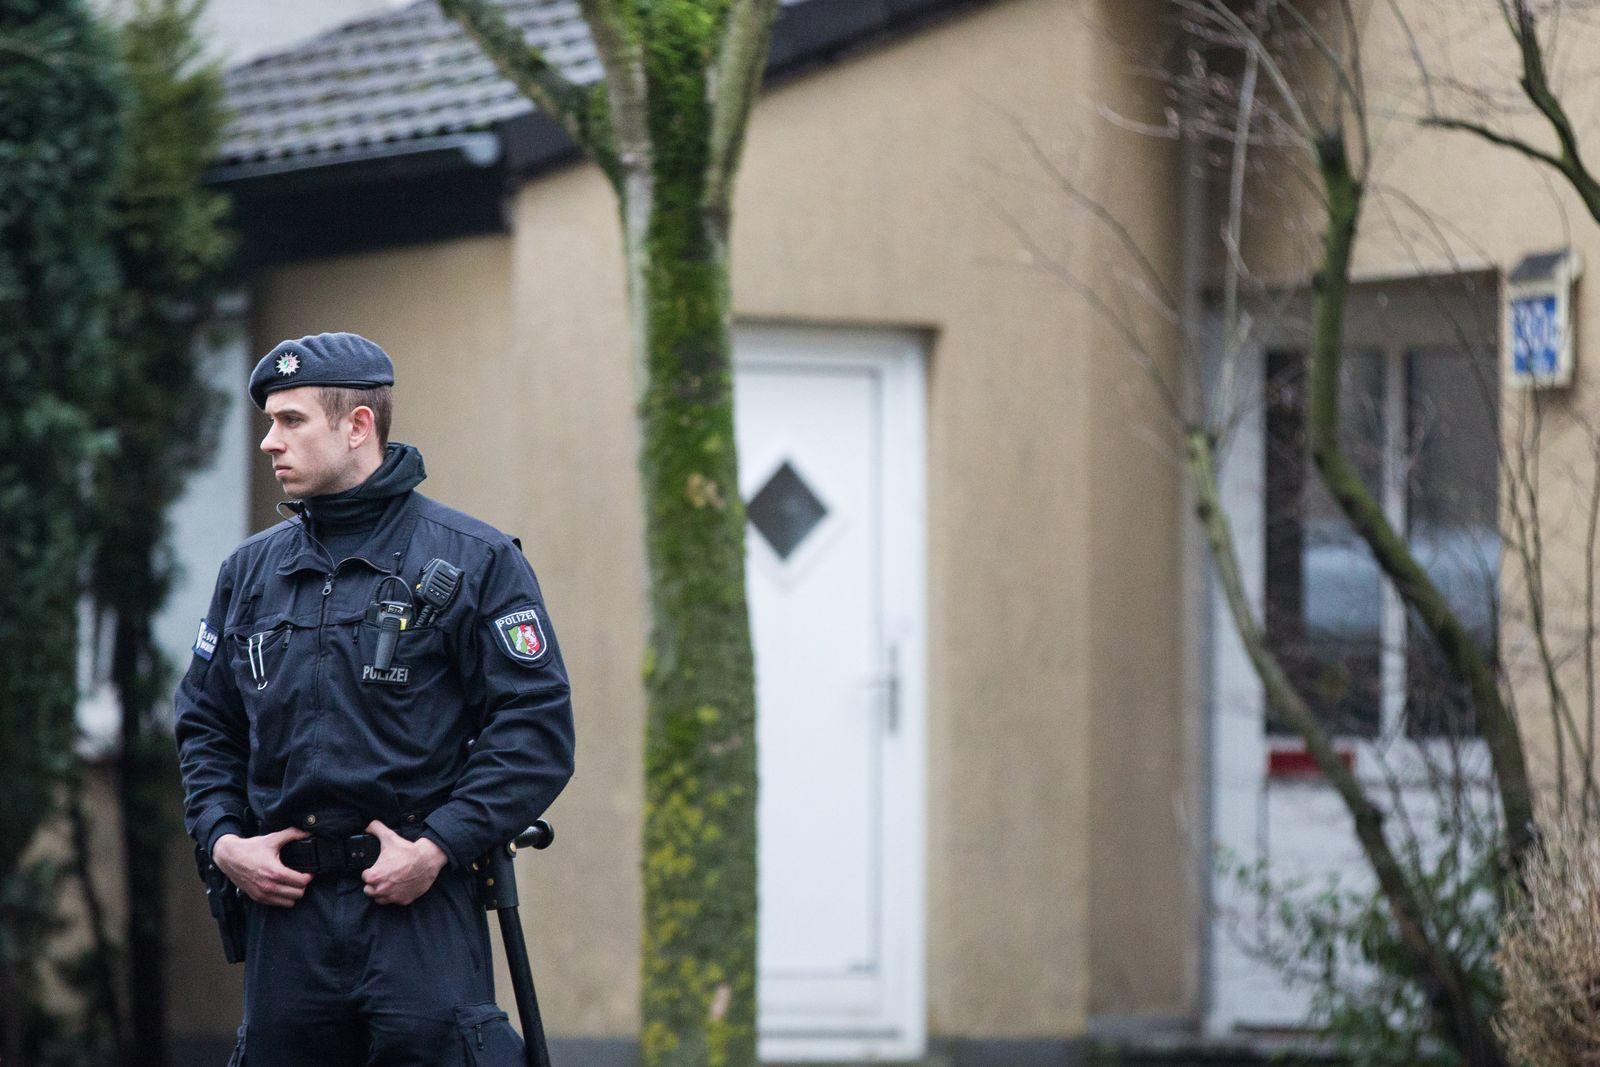 Gewalttat in Herne: Neunjähriger tot - Täter auf der Flucht